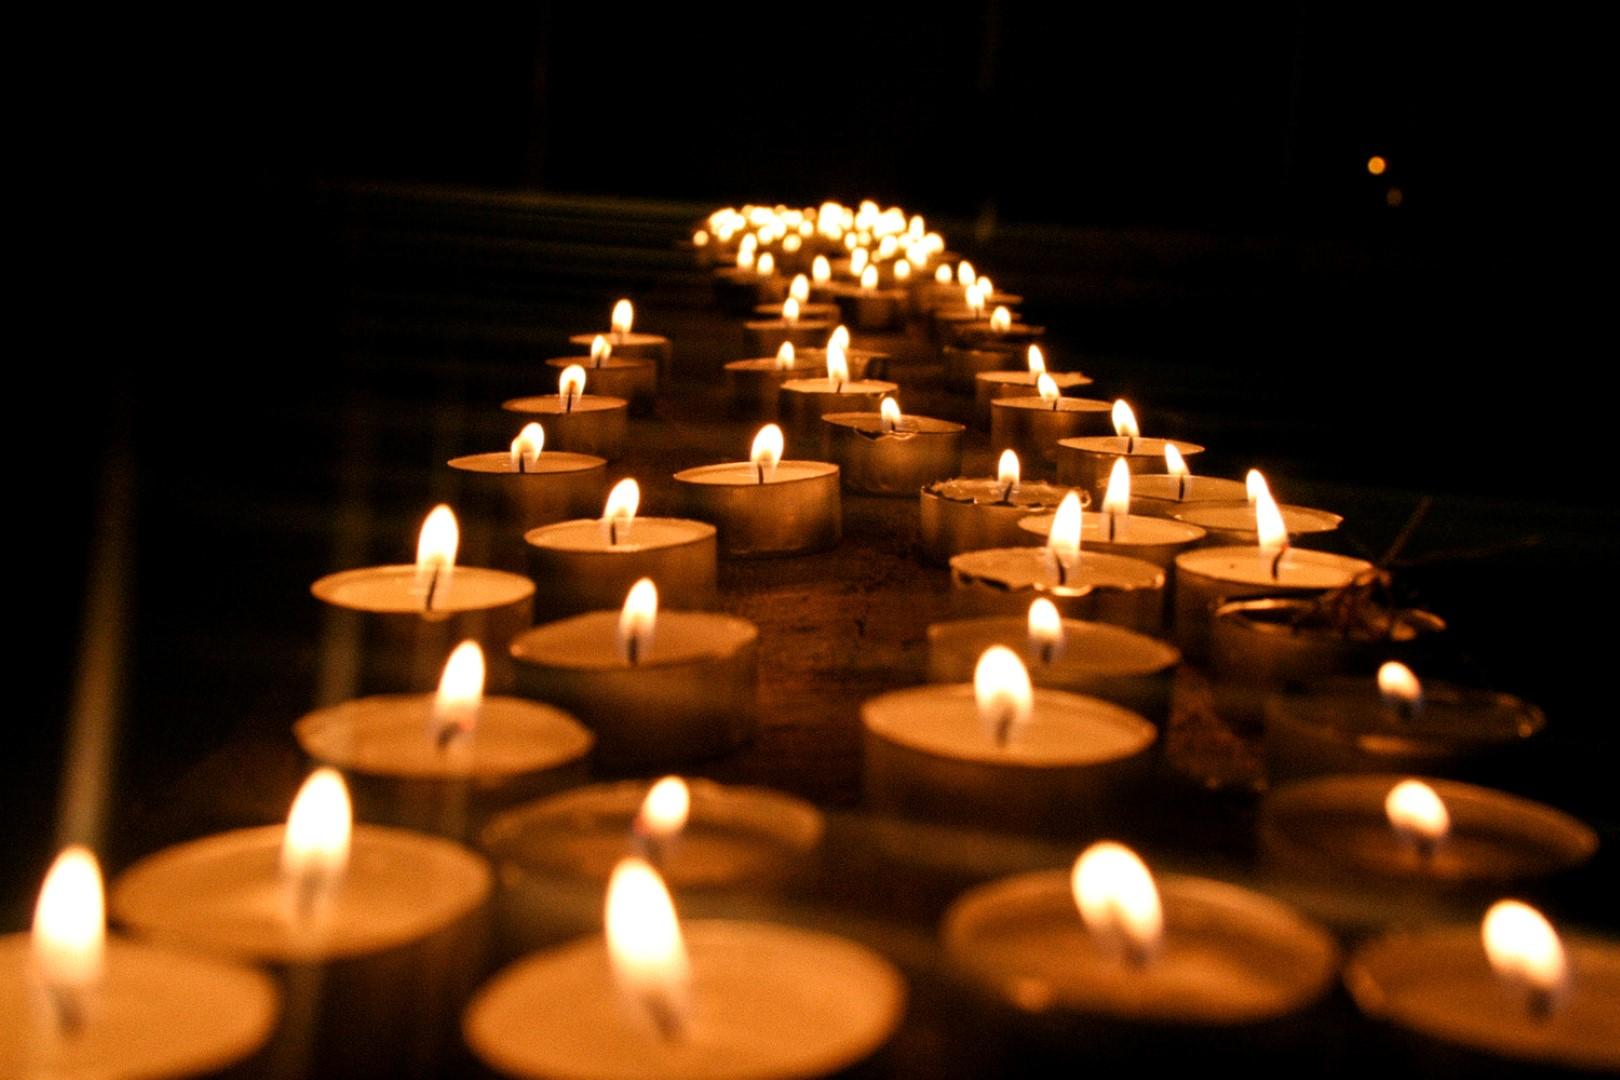 Znalezione obrazy dla zapytania modlitwy-na-uroczystosc-wszystkich-swietych-i-dzien-zaduszny